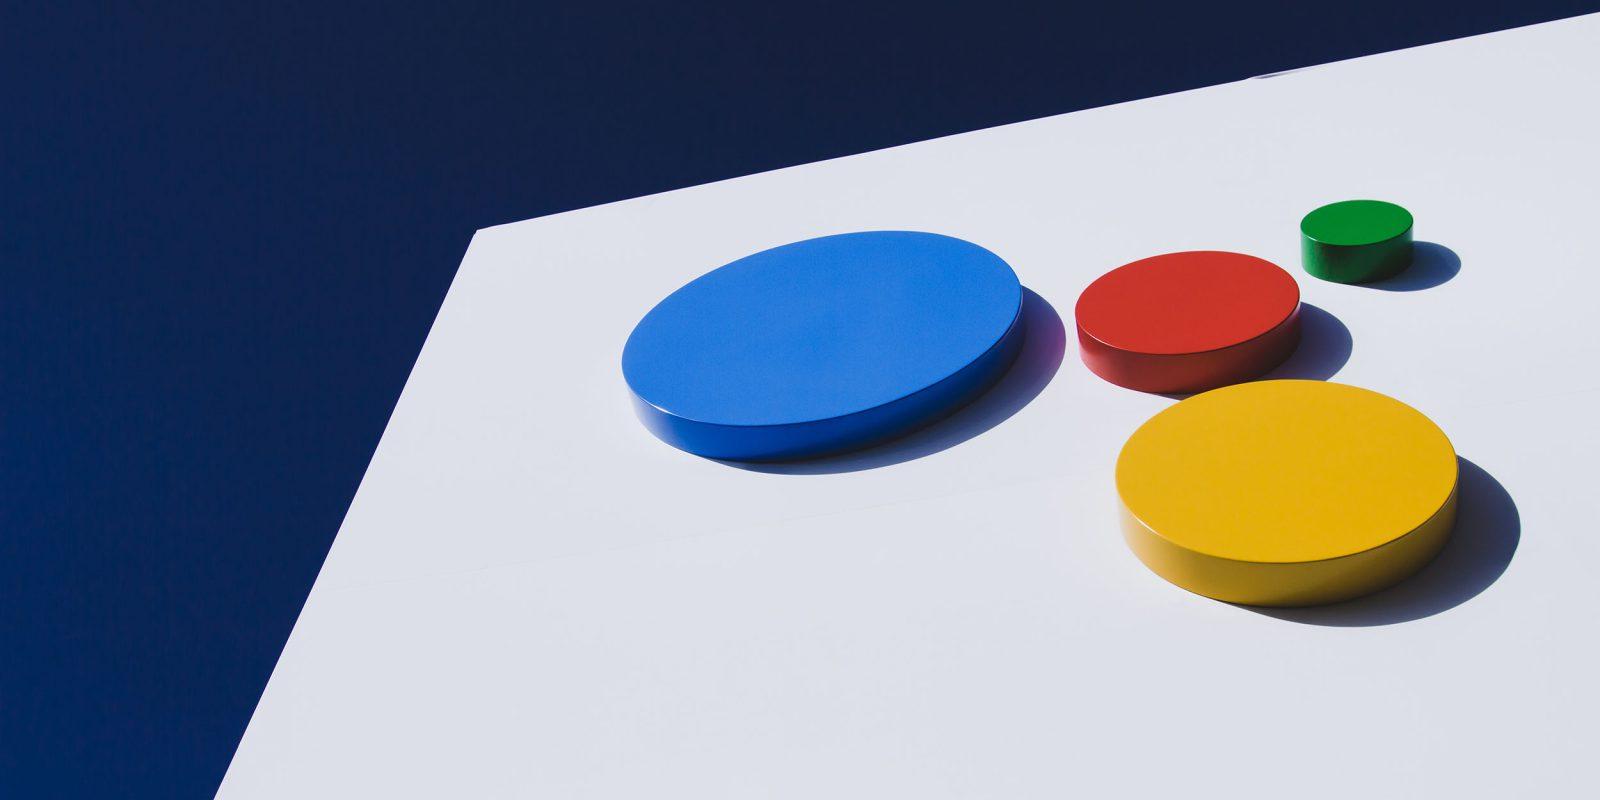 دمو جدید گوگل دوپلکس (Duplex) برای رفع نگرانی ها